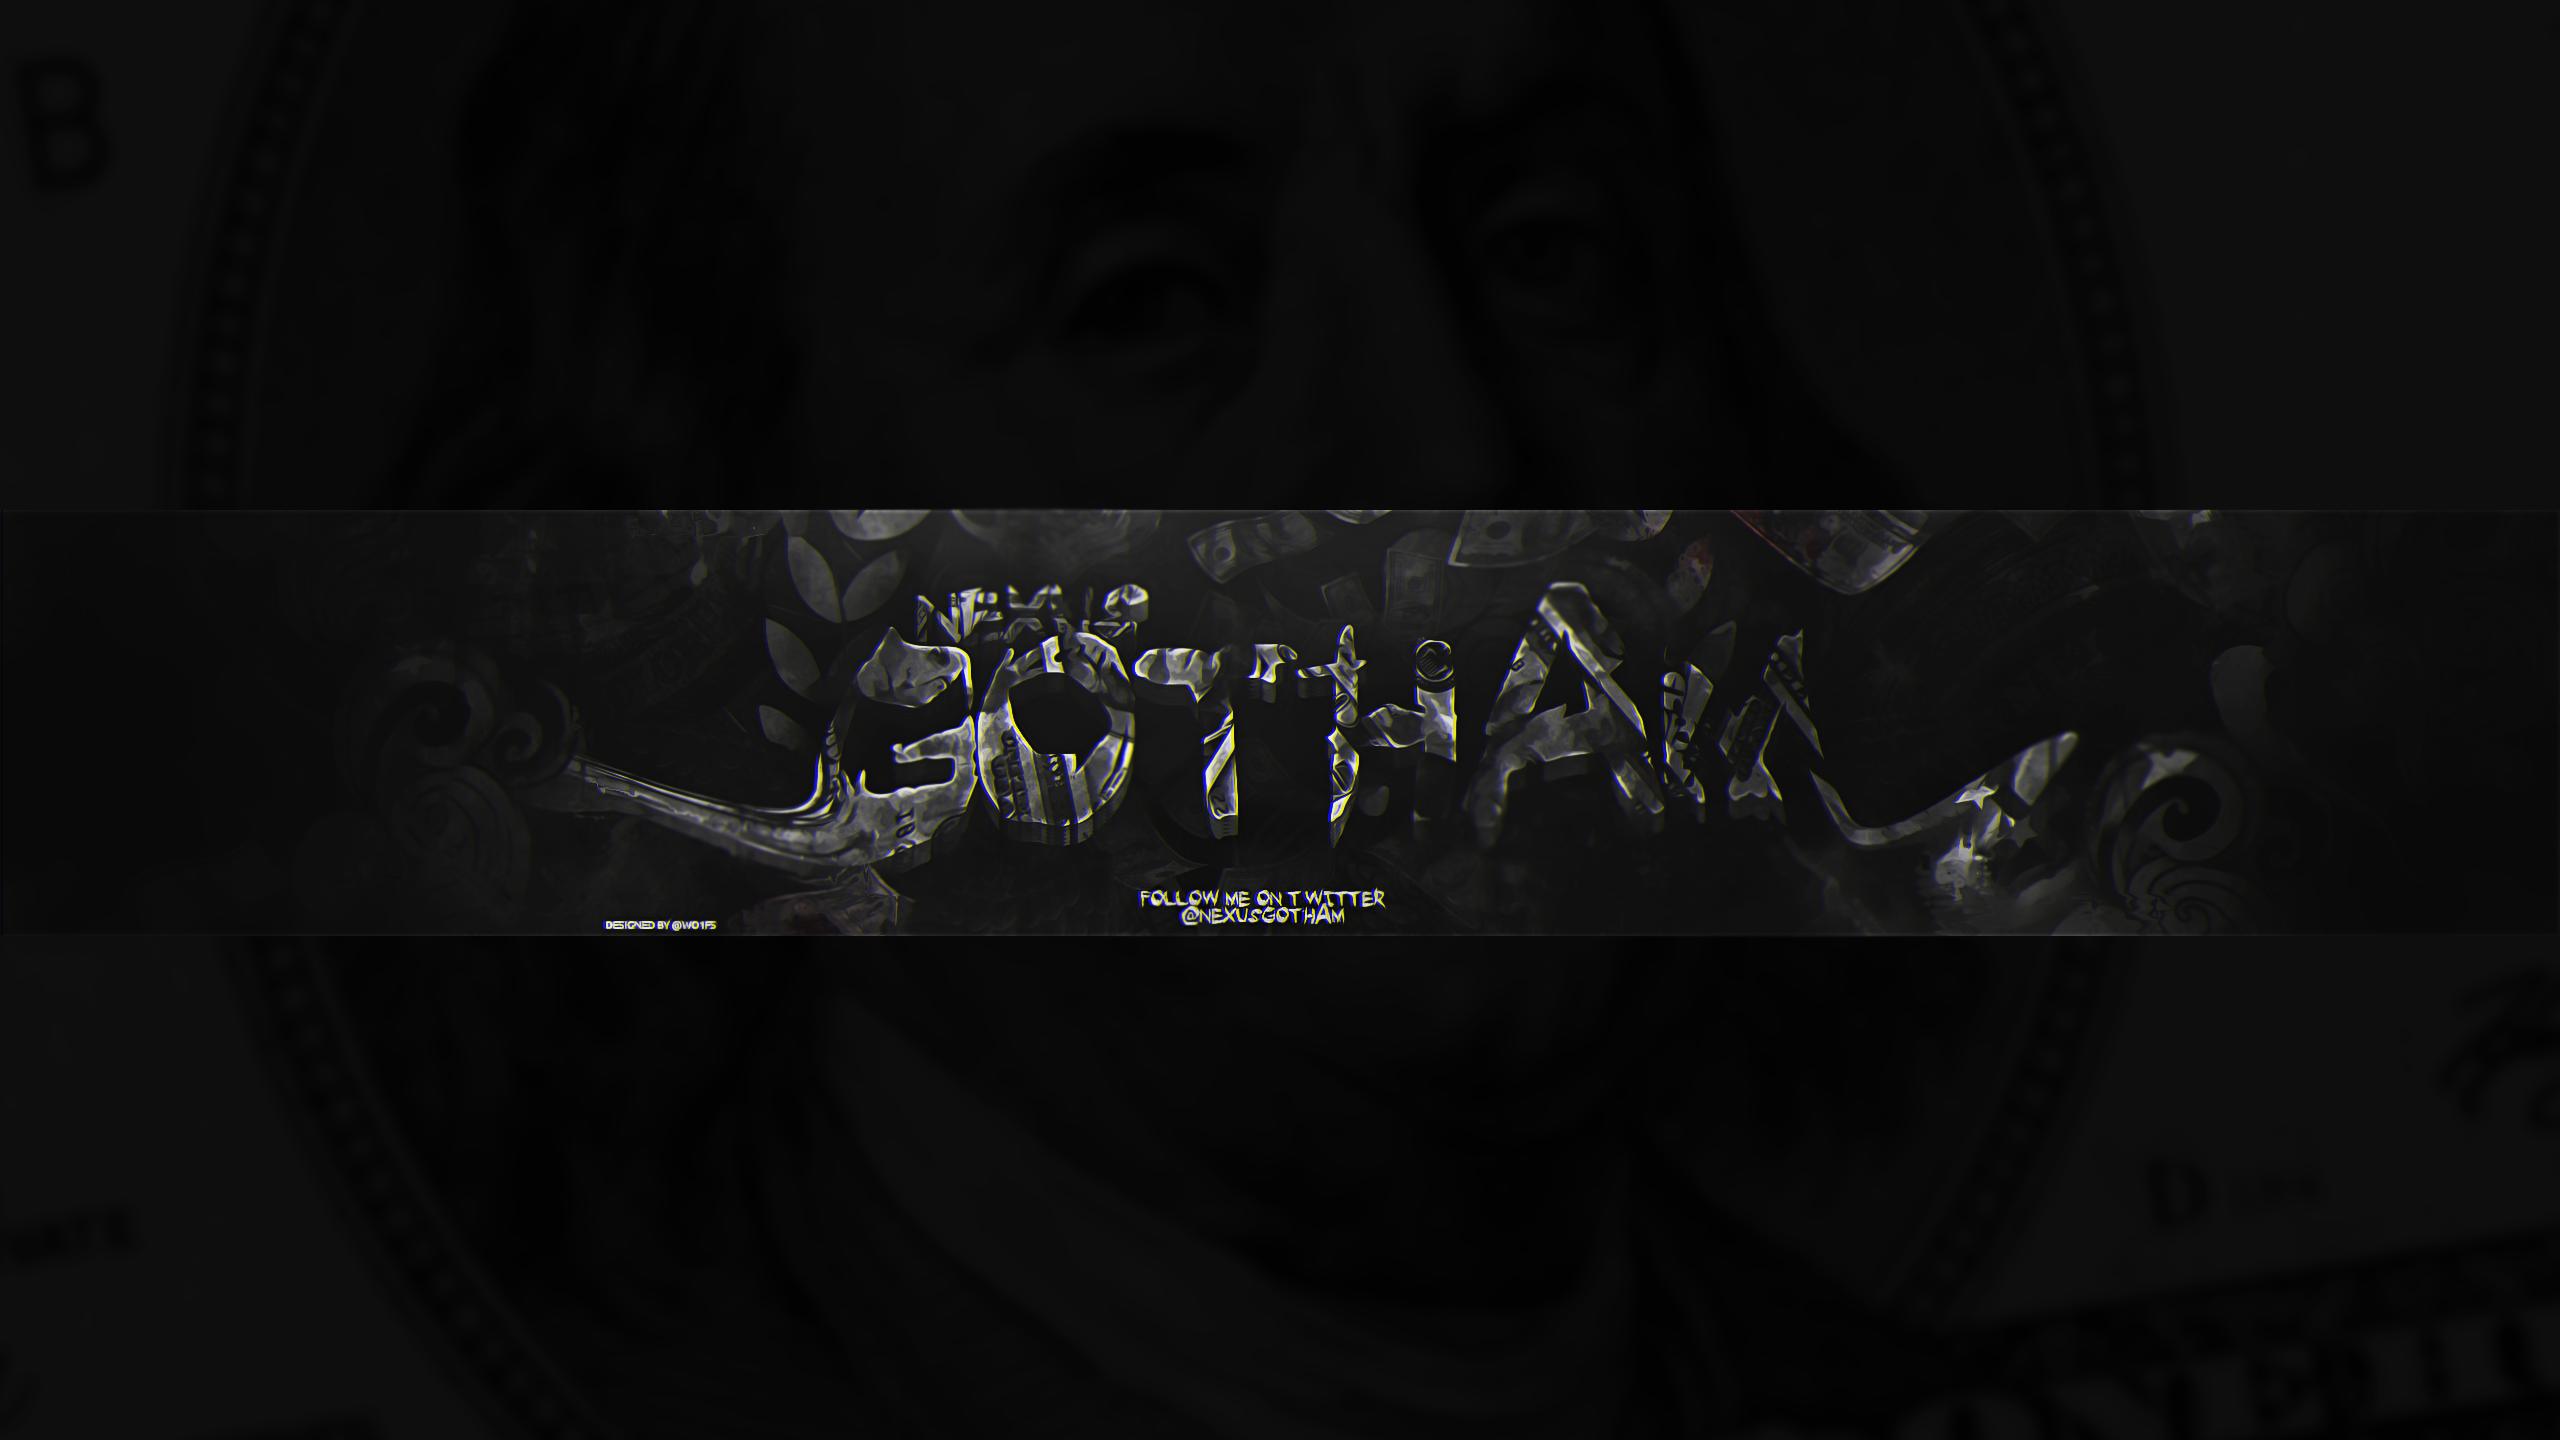 Gotham-banner by wo1fs on DeviantArt